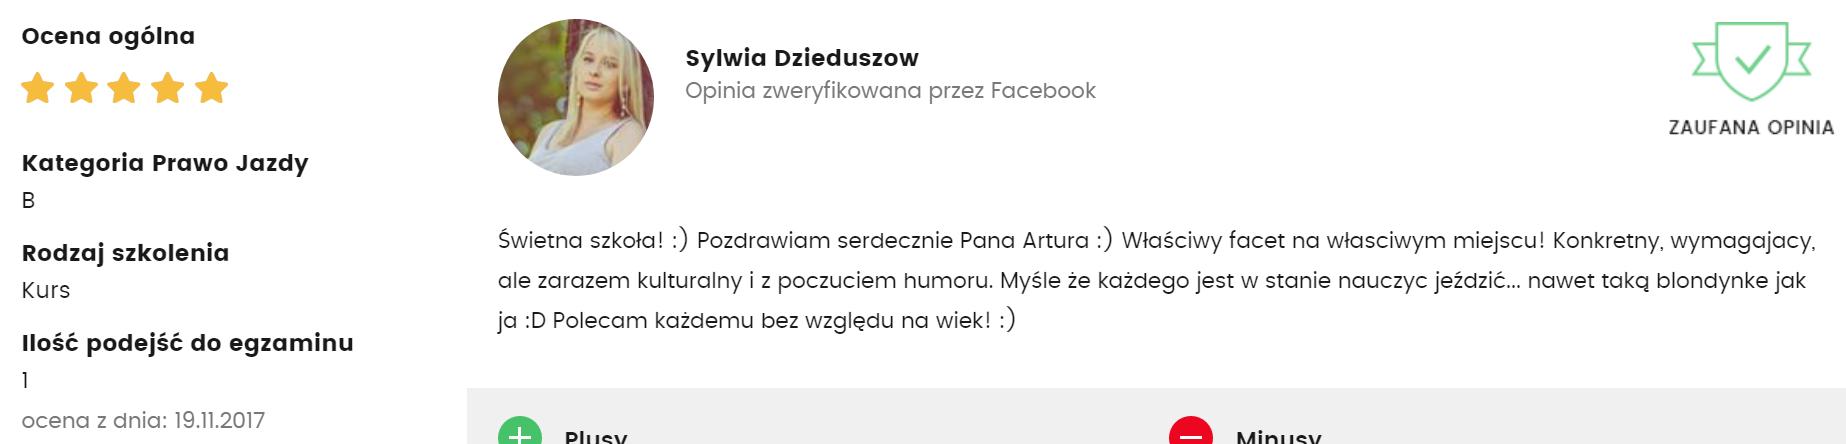 sylwia dzieduszow